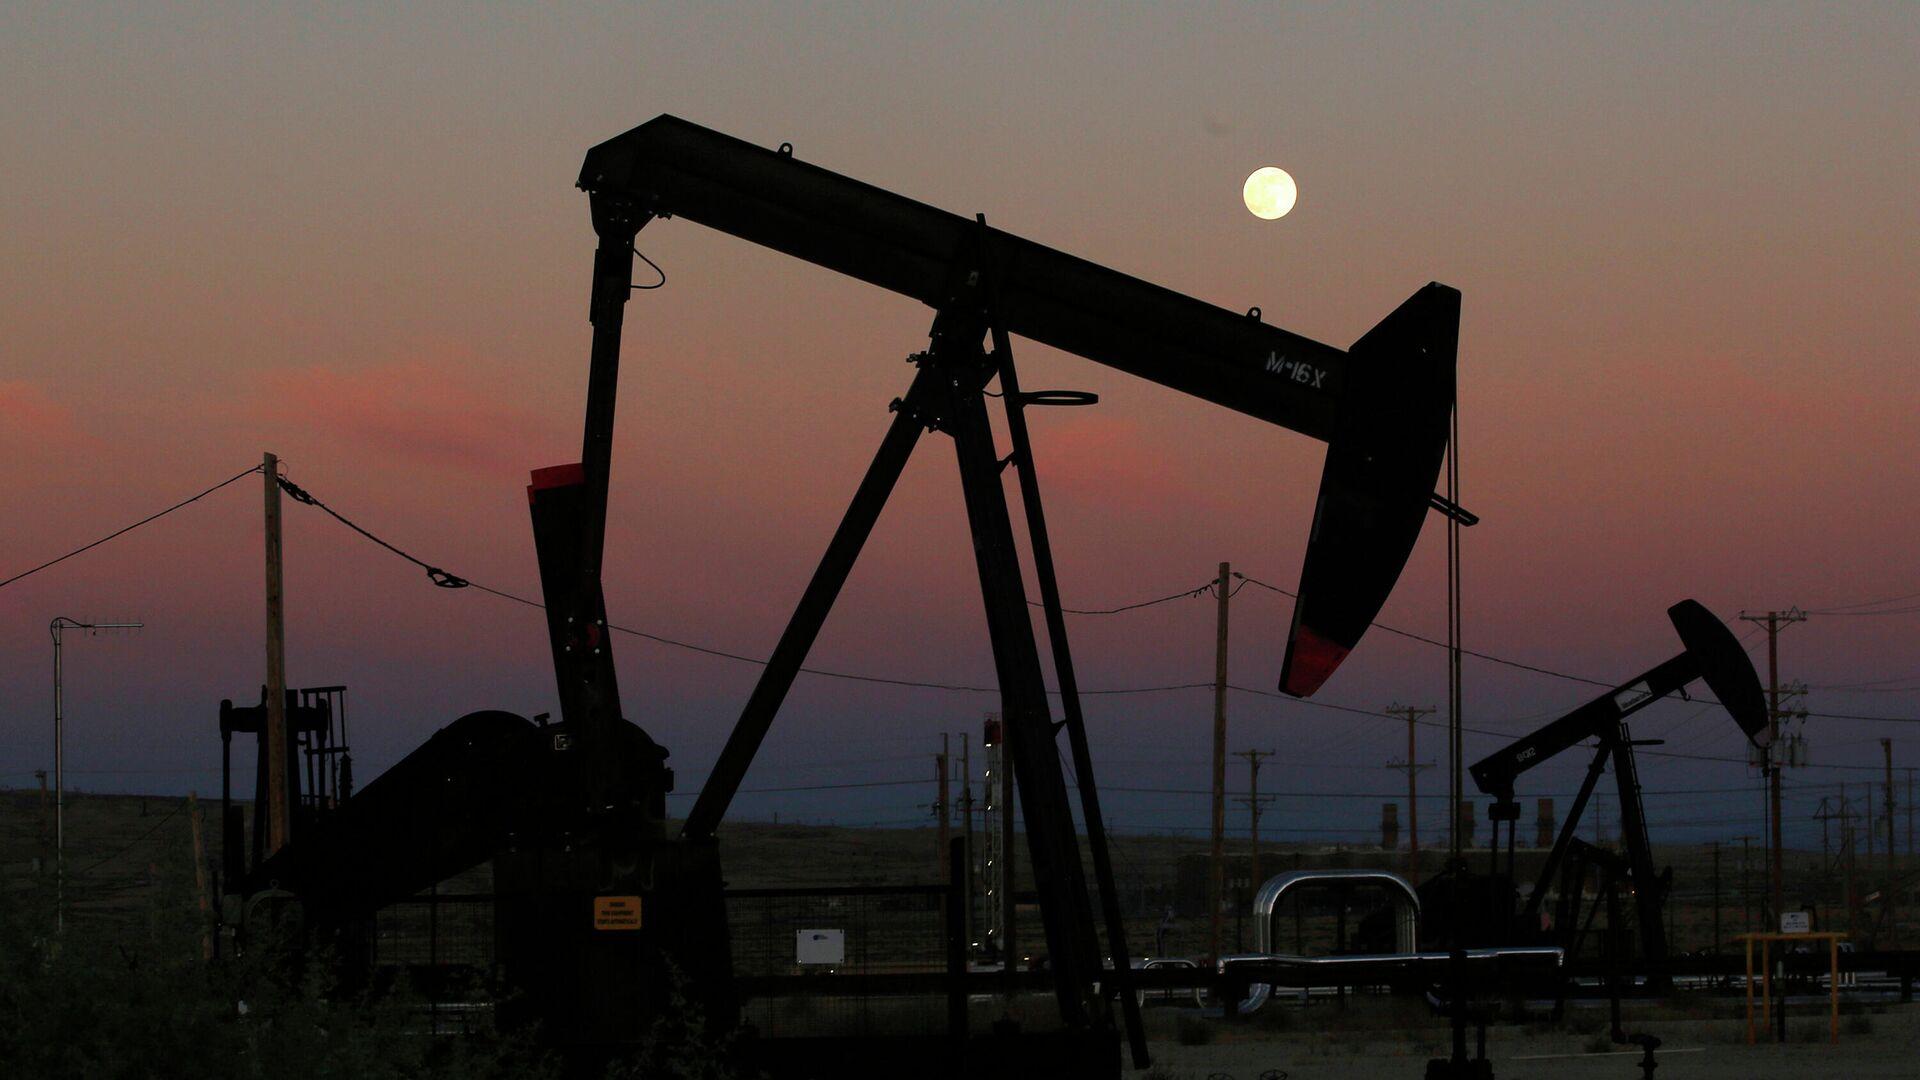 Нефтяные вышки в Маккитрике, штат Калифорния - РИА Новости, 1920, 02.12.2020